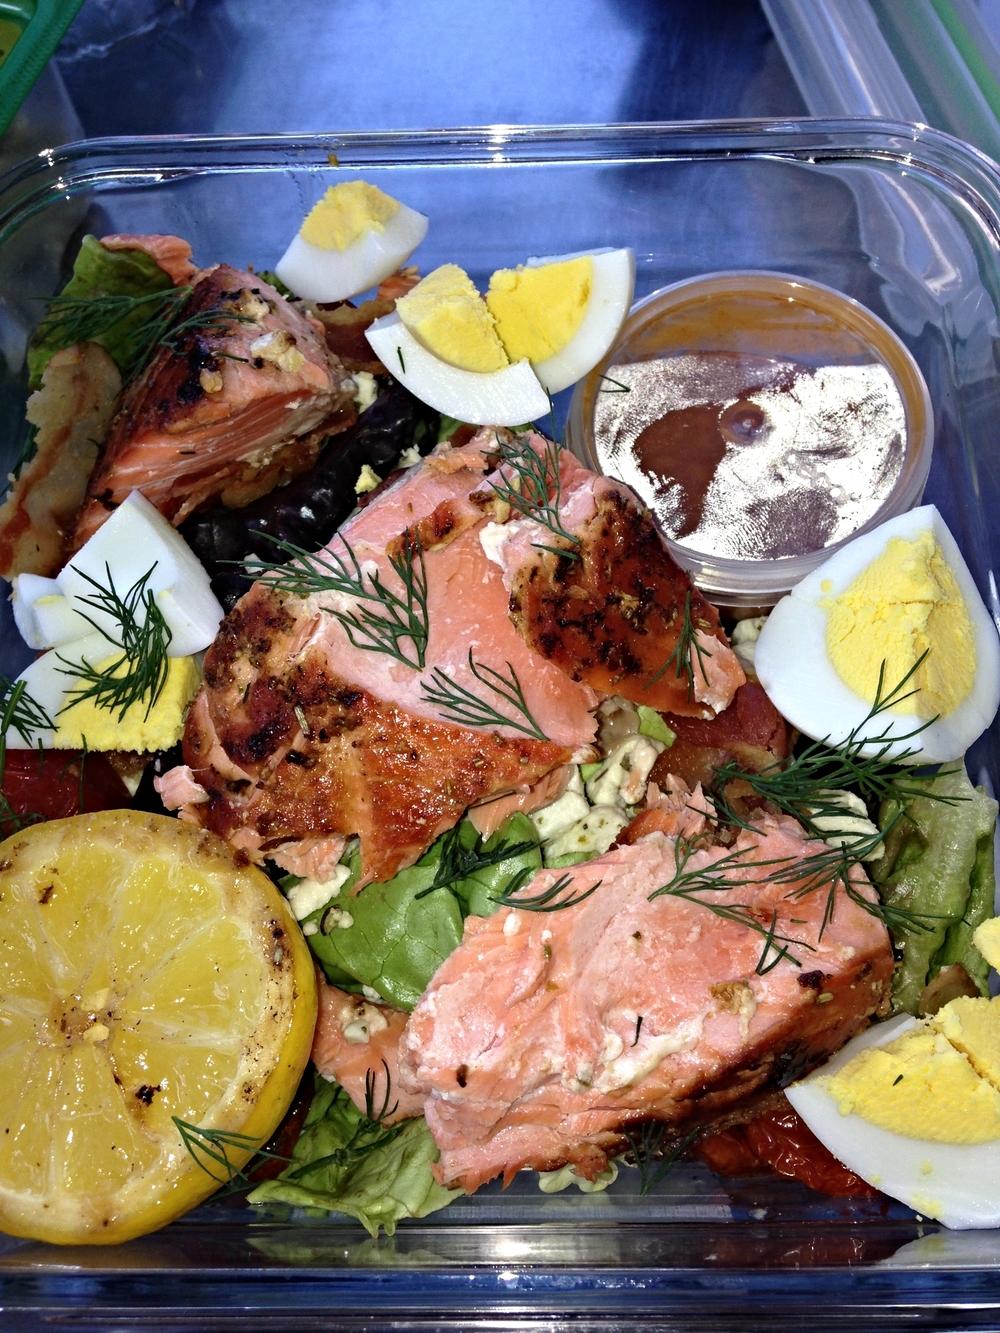 Salmon Cobb Salad with Roasted Tomato Vinaigrette